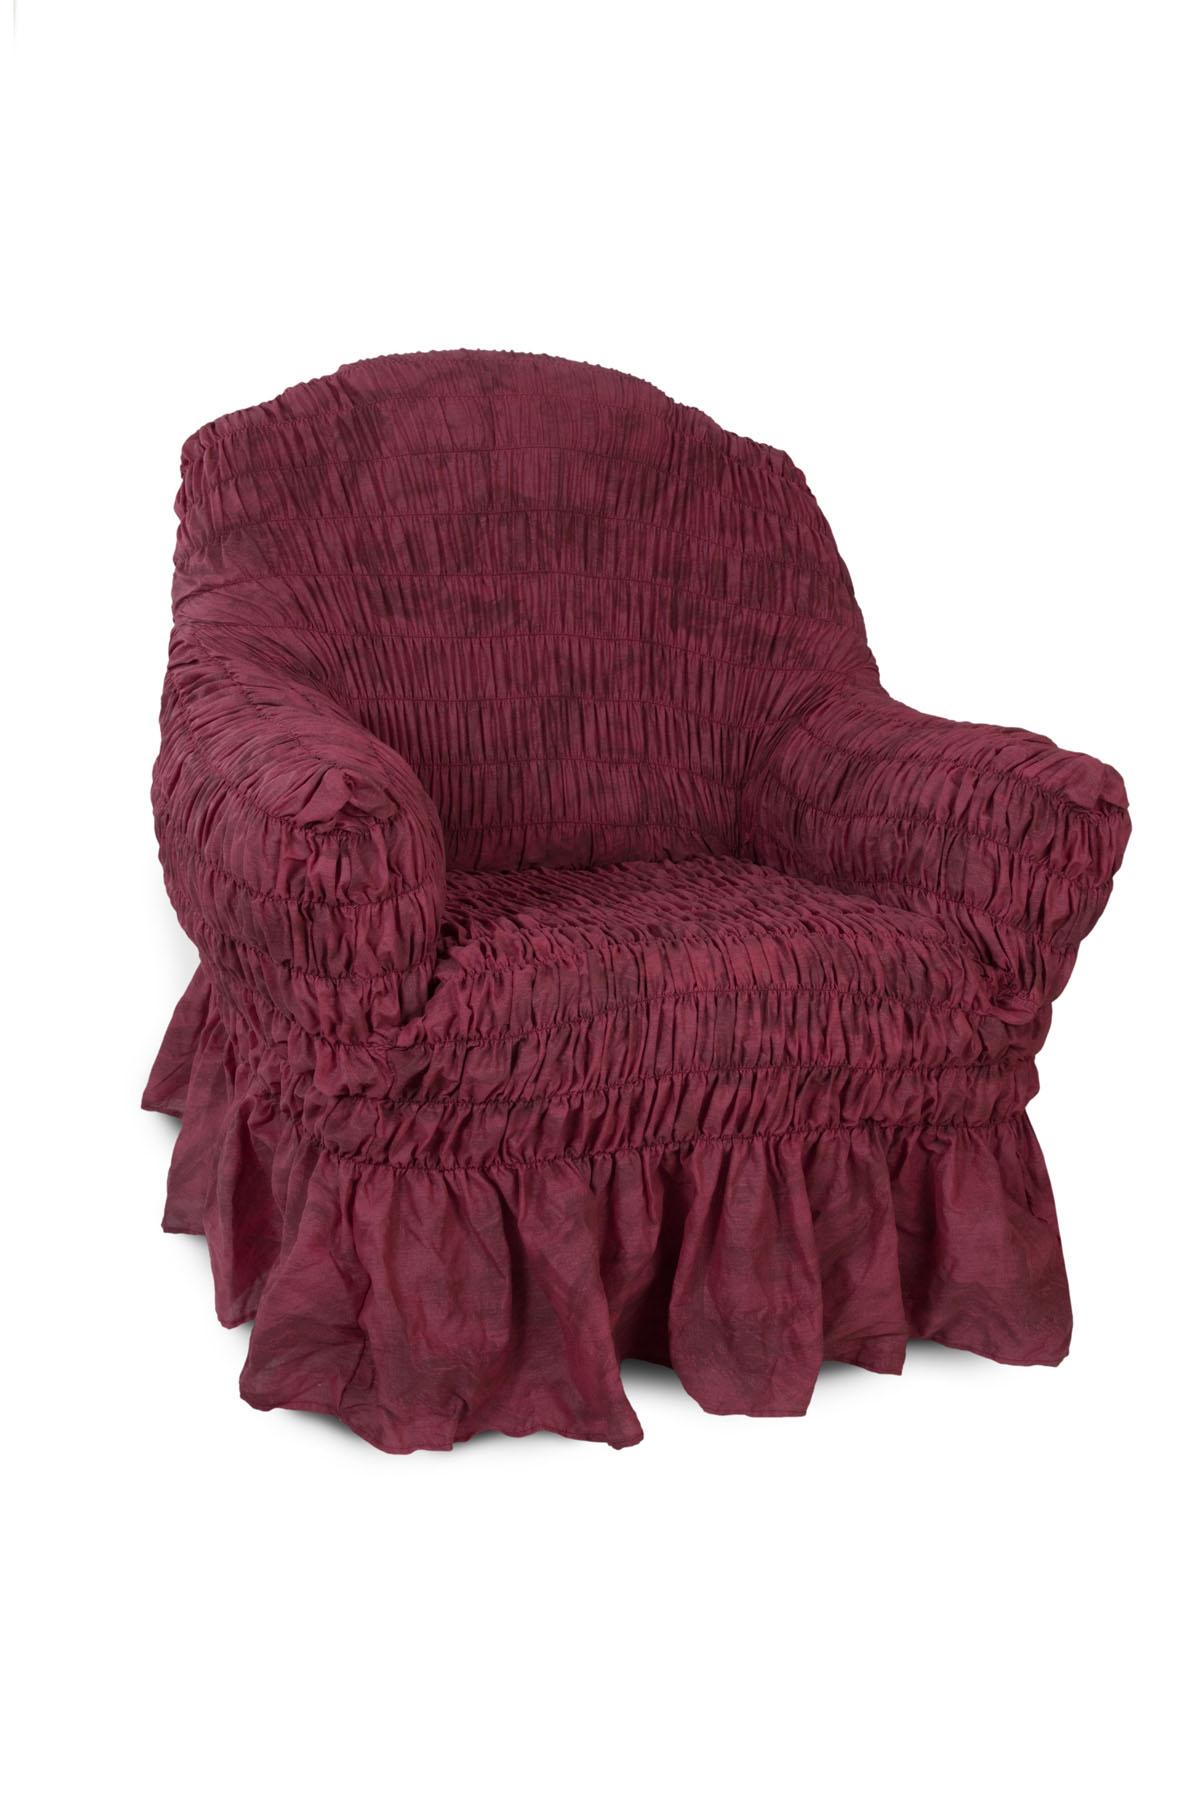 Чехол на кресло Еврочехол Фантазия, цвет: вишня, 60-100 см2/9-1Чехол на кресло Еврочехол Фантазия выполнен из 50% хлопка, 50% полиэстера. Он защитит вашу мебель от ежедневных воздействий. Натуральный состав ткани гипоаллергенен, а потому безопасен для малышей или людей пожилого возраста. Чехол в классическом цветовом исполнении - один из самых востребованных. Наличие оборки (юбки) по нижнему краю чехла придает мебели особое очарование, изюминку, привнося в интерьер помещения уют, свежесть, легкость и мягкость. Неважно, в каком стиле выполнена обстановка (это может быть классический интерьер, либо скандинавского стиля, или даже в колониальных мотивах), чехол чудесно дополнит стилистику любого интерьера - от ретро до современности. Гостиная, детская, кухня, прихожая или спальня - с таким чехлом любая комната наполнится нежностью и любовью. Растяжимость чехла по спинке (без учета подлокотников): 60-100 см.